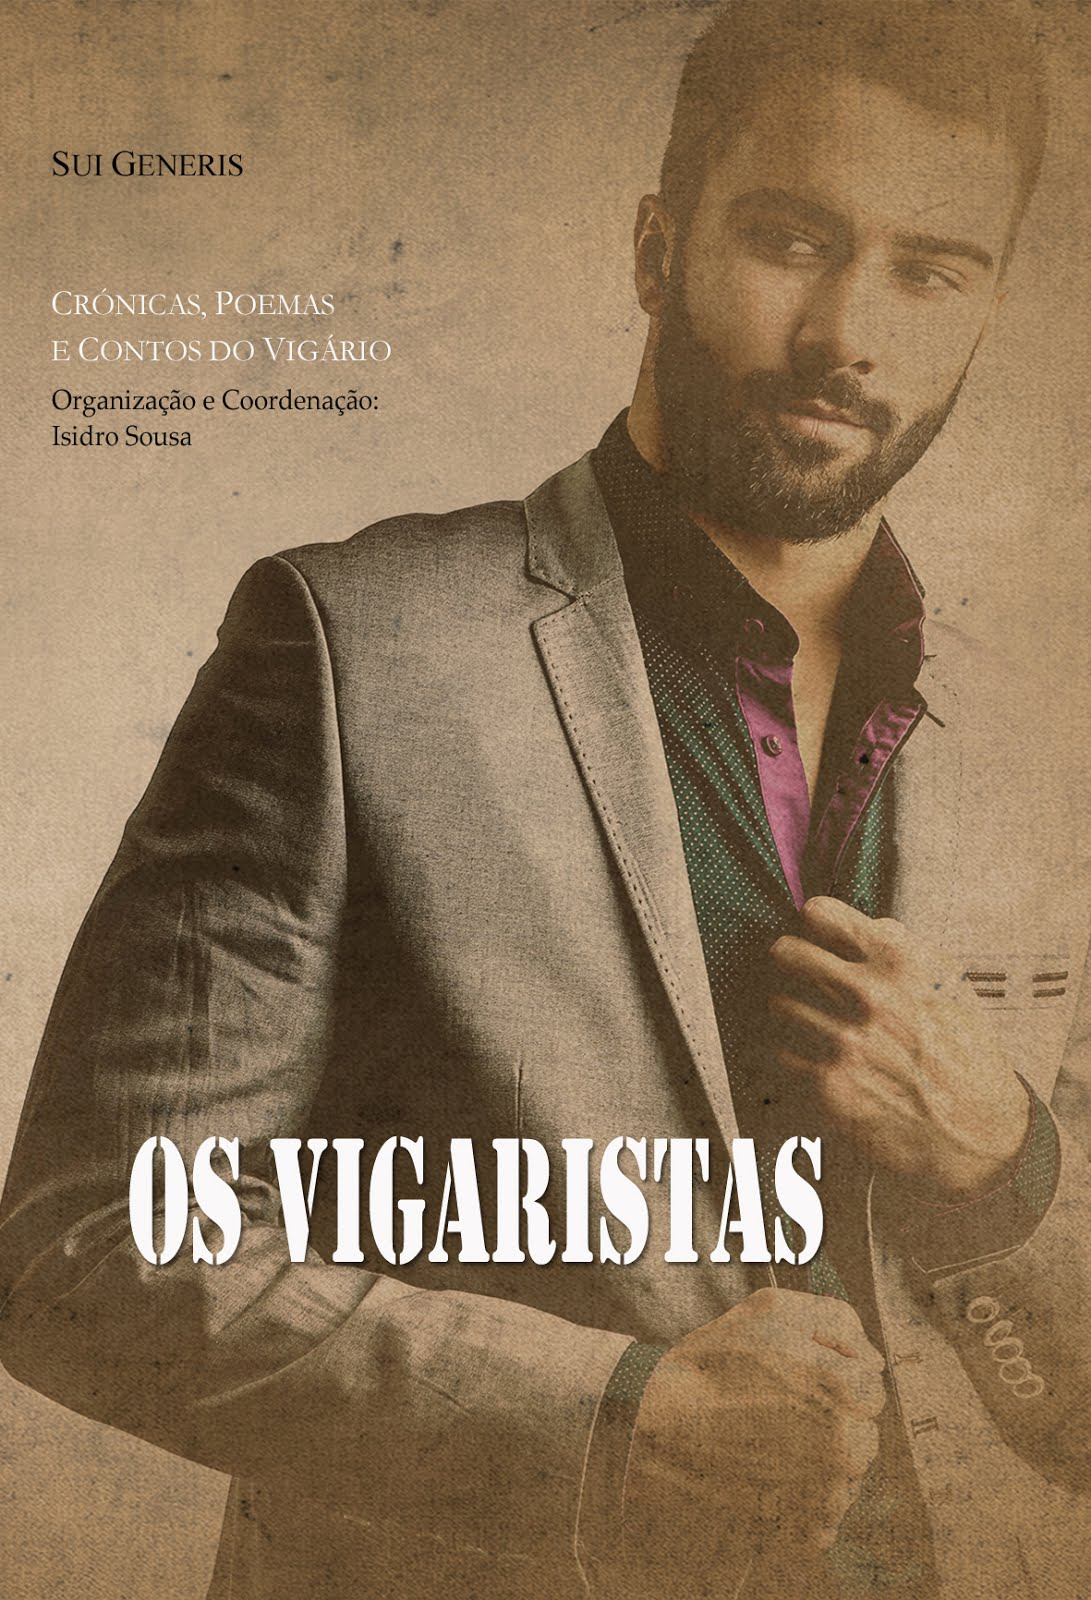 Organizei, Coordenei e Editei a antologia «OS VIGARISTAS»; inclui textos de 26 autores lusófonos